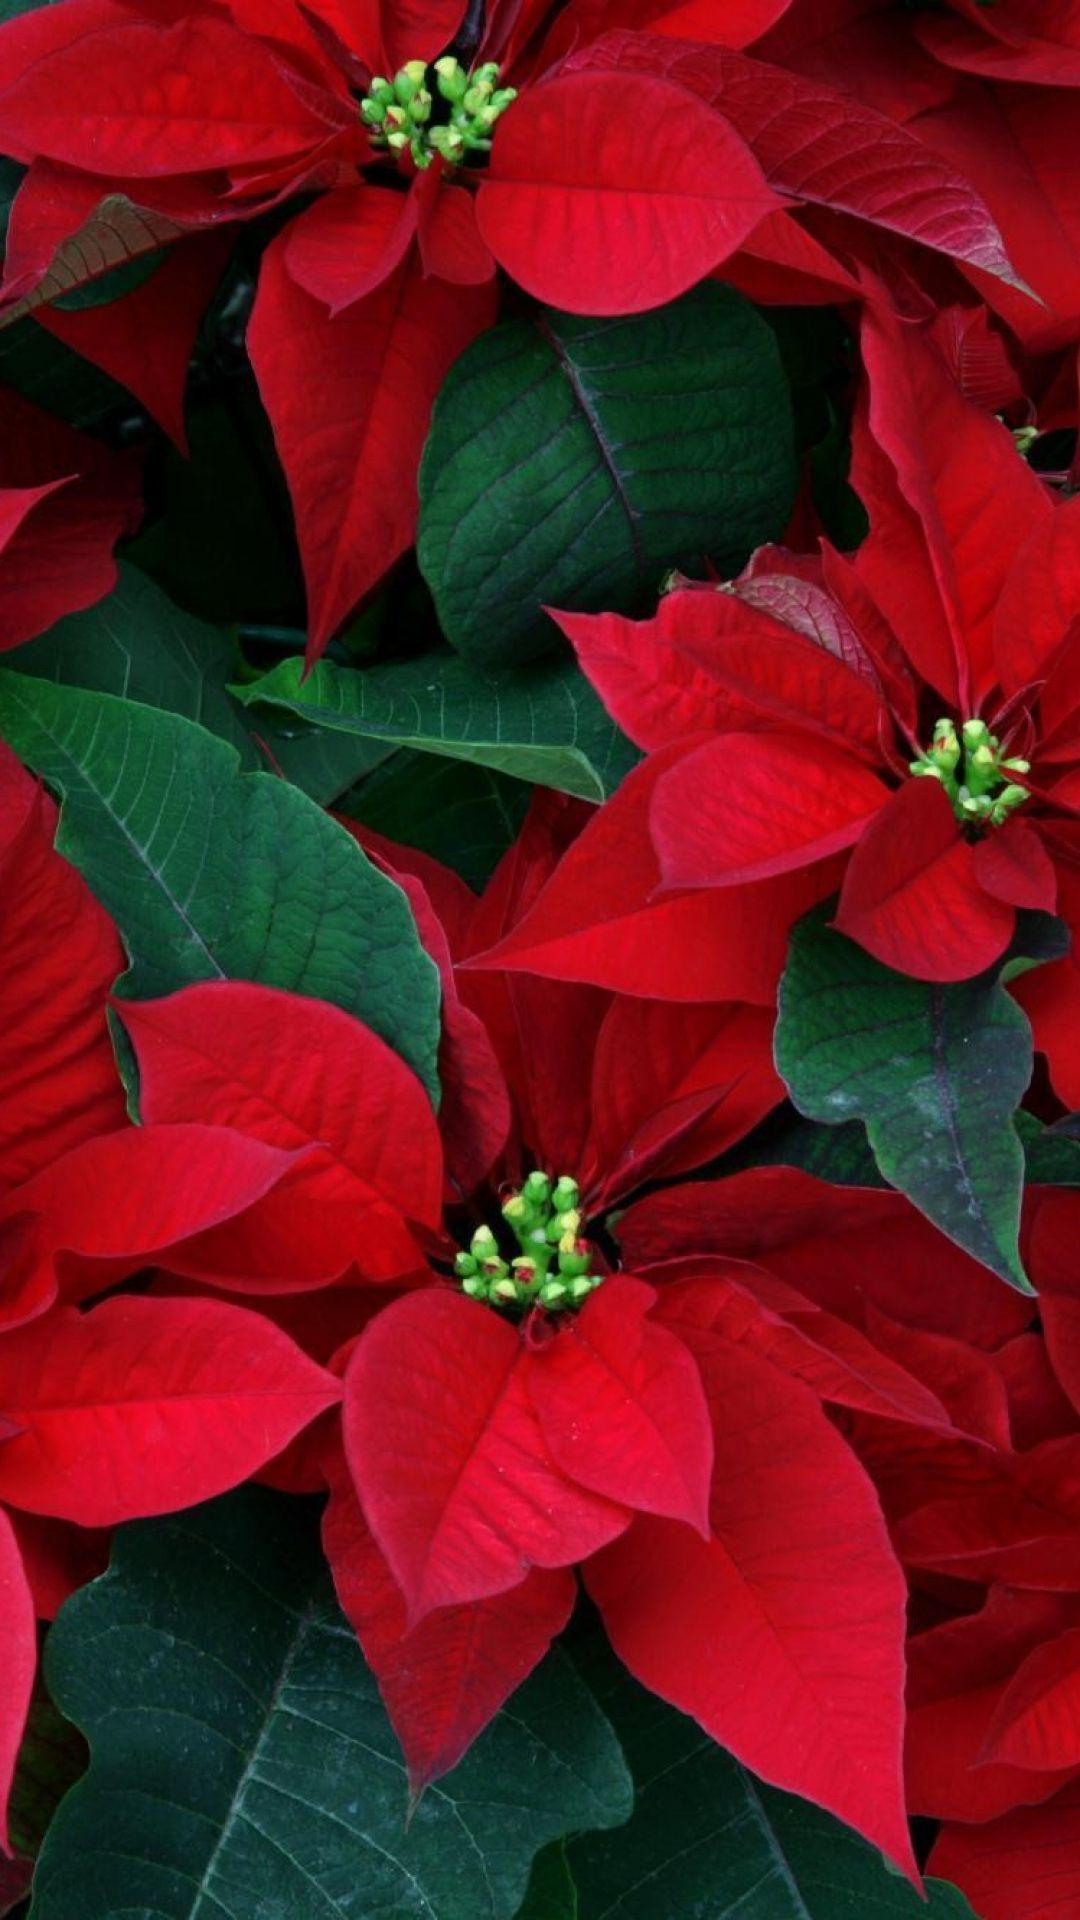 3d Xmas Tree Live Wallpaper Best 25 Poinsettia Ideas On Pinterest Christmas Felt